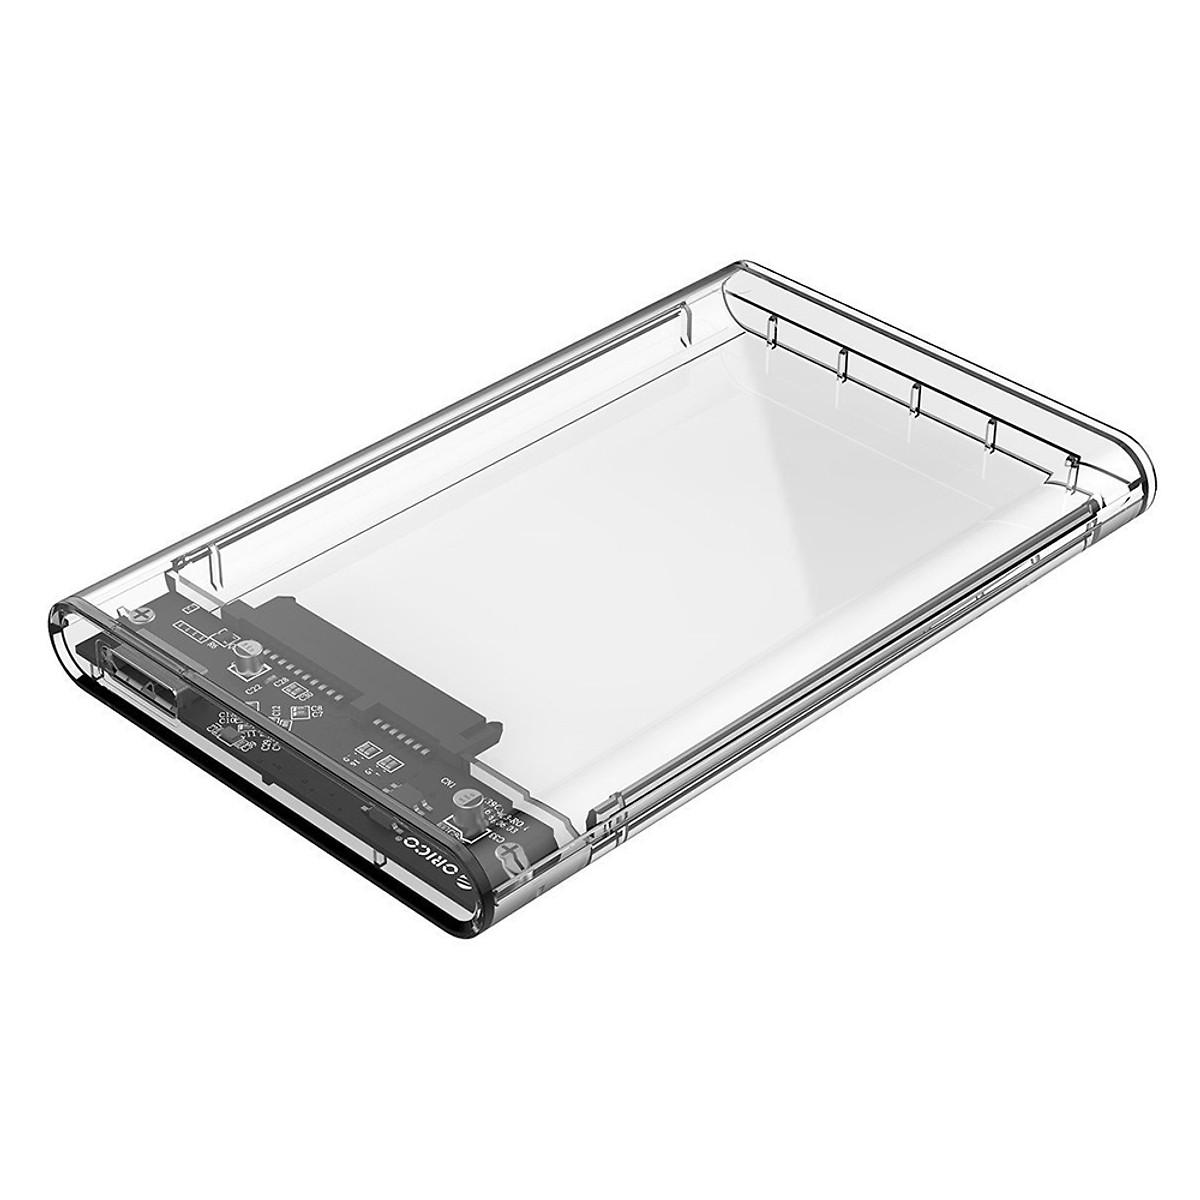 """Hộp Đựng Ổ Cứng (HDD Box) 2.5"""" Orico USB 3.0 Nhựa Trong Suốt cho Ổ HDD và SDD - Hàng Chính Hãng"""